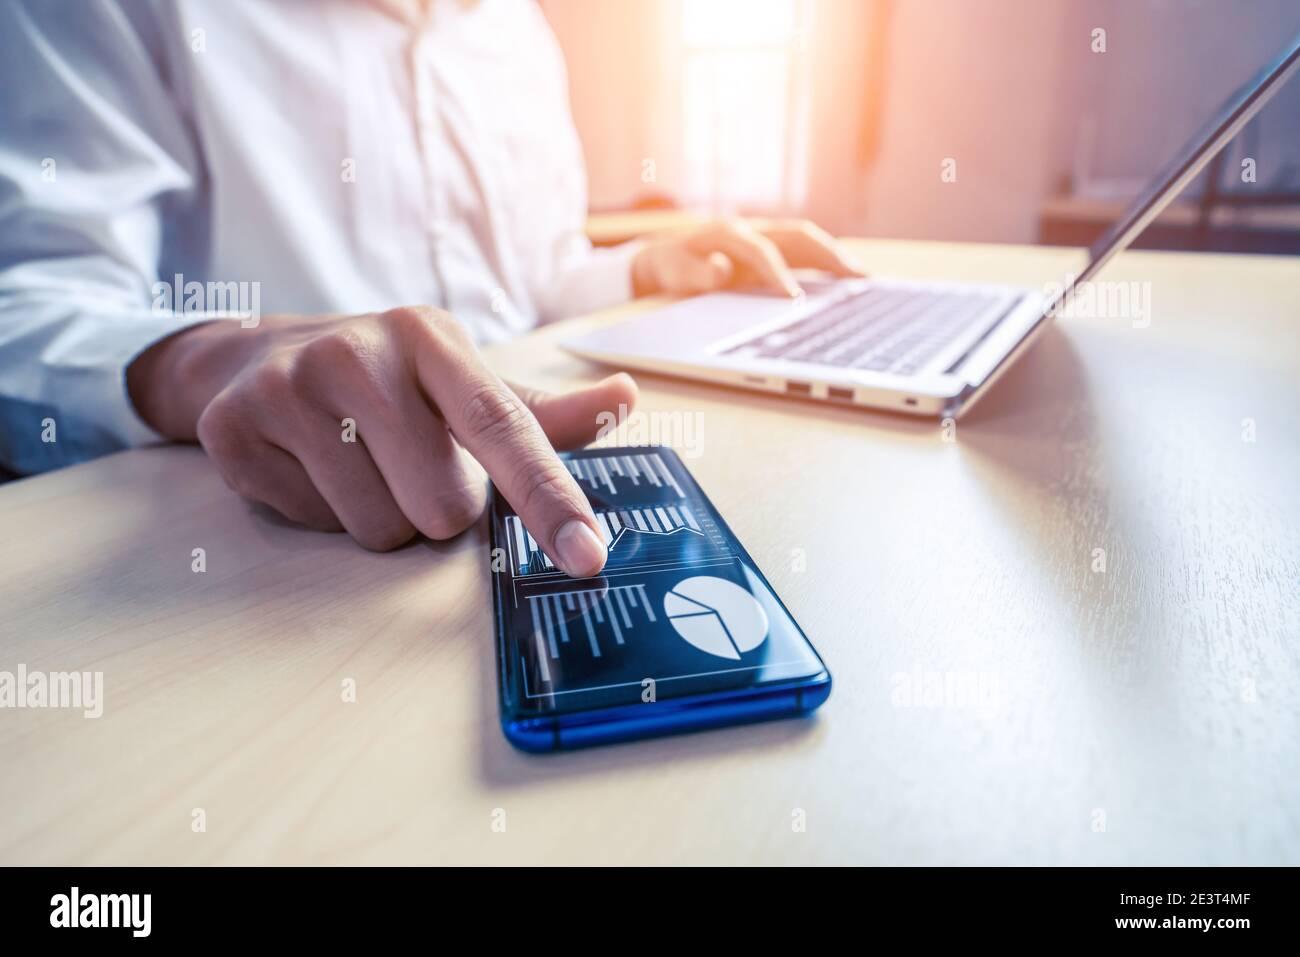 Le comptable ou l'expert financier d'un homme d'affaires analyse le graphique du rapport d'affaires et le graphique financier au bureau de l'entreprise. Concept d'économie financière, banque Banque D'Images